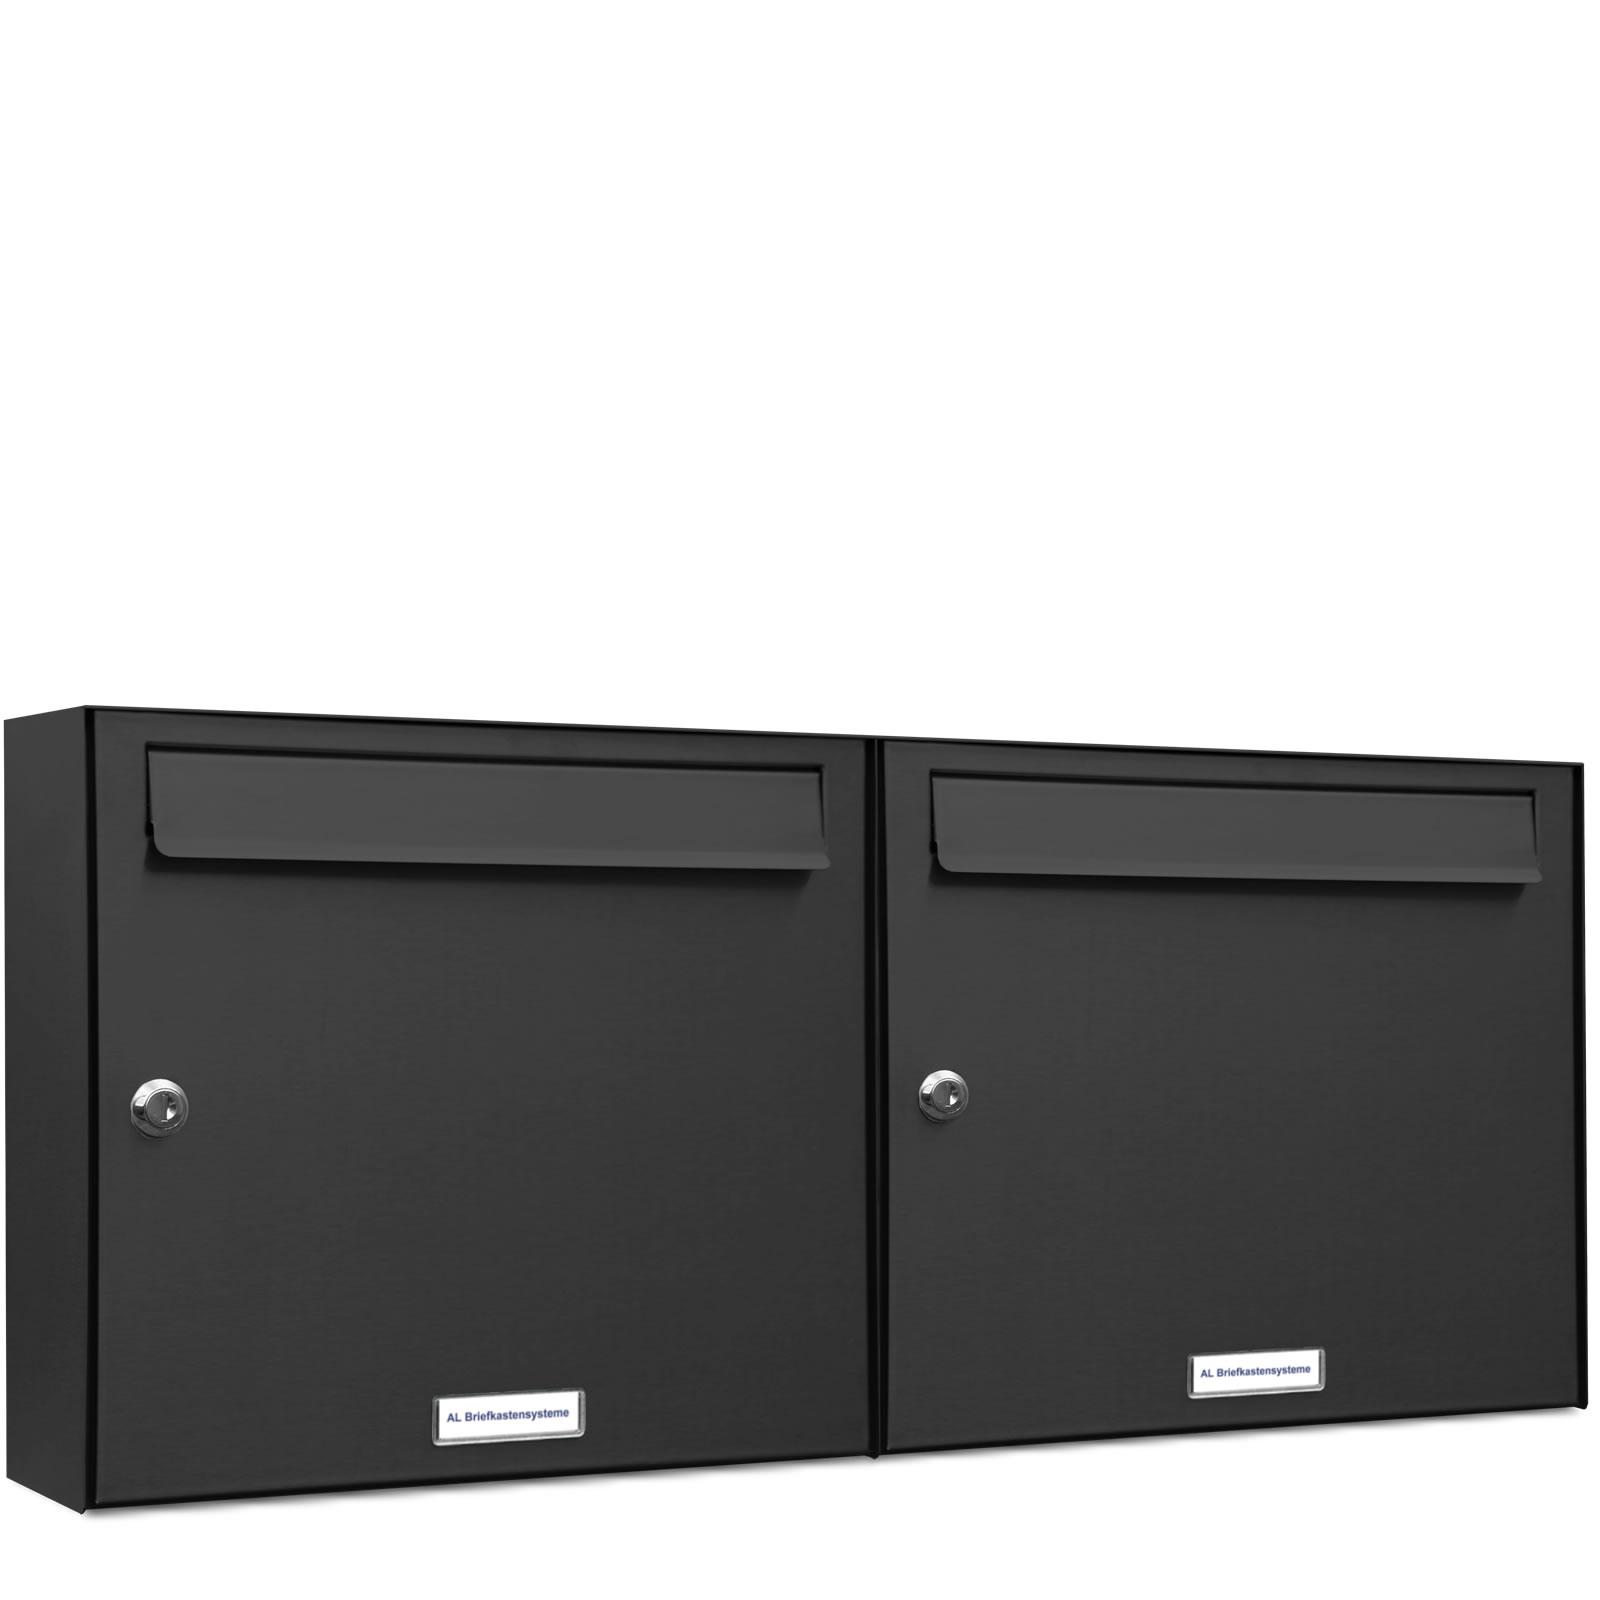 2er 2x1 briefkasten anlage aufputz wandmontage ral 7016. Black Bedroom Furniture Sets. Home Design Ideas